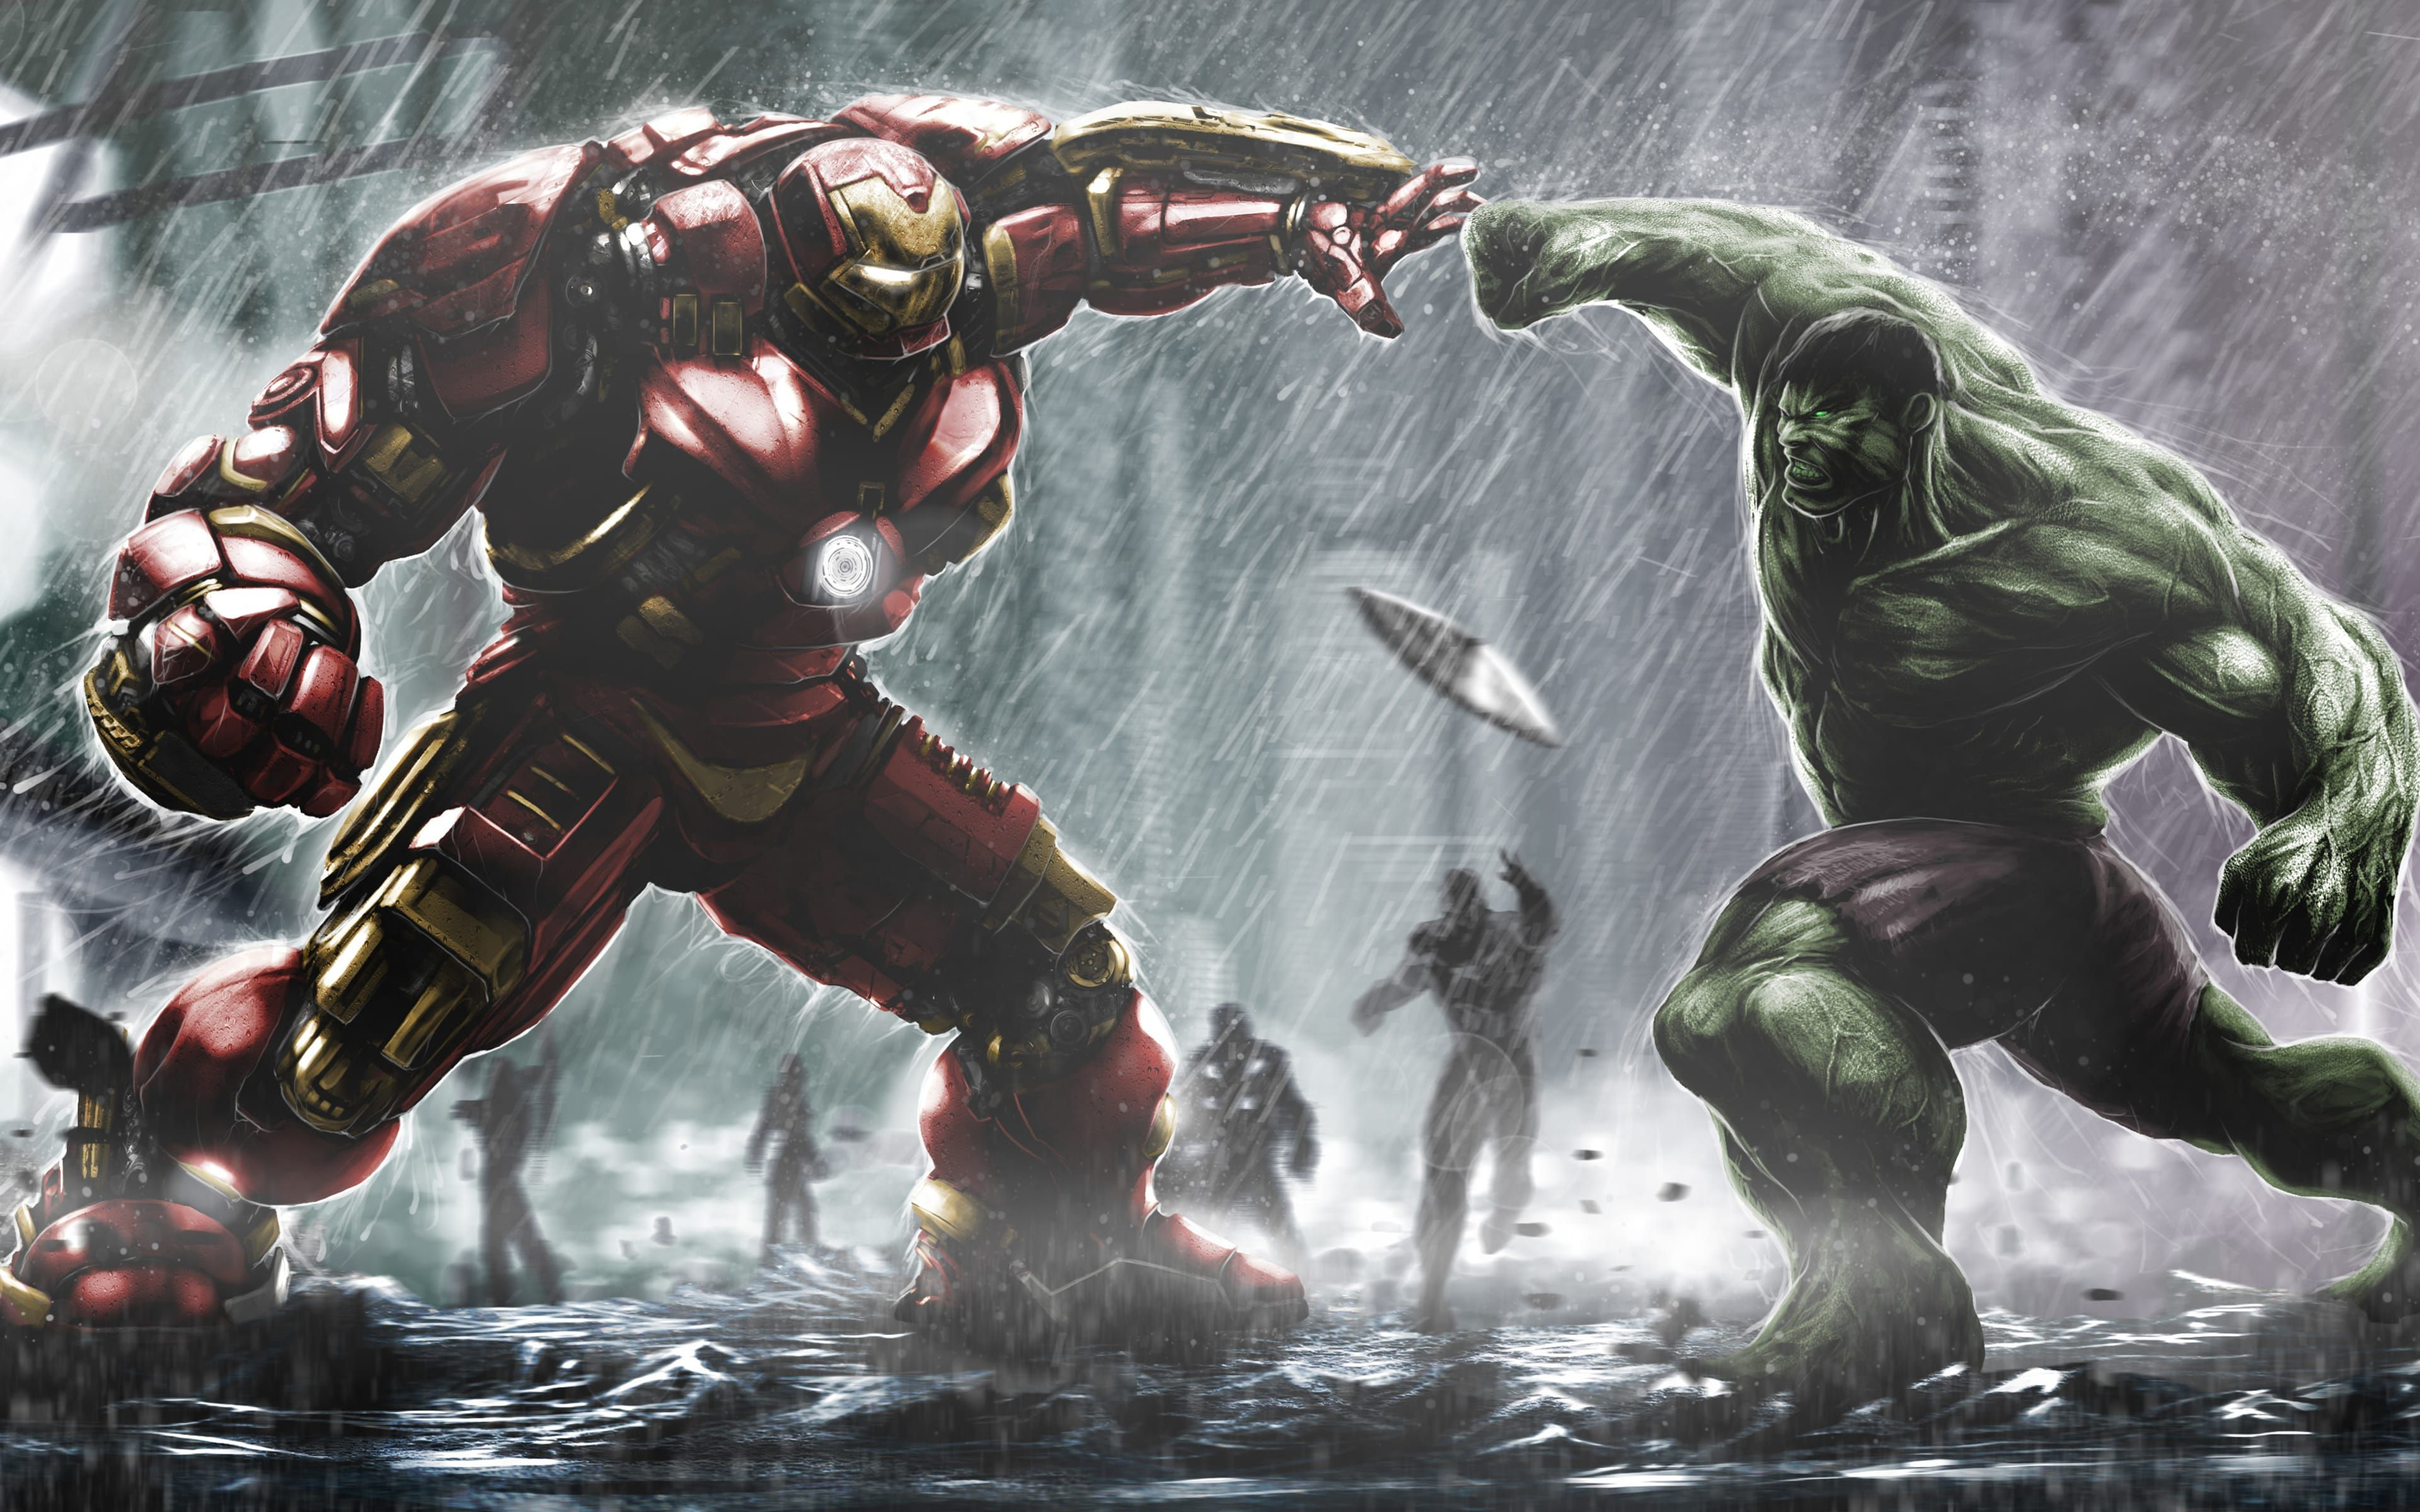 marvel superhero hulkbuster hulk | superheroes, hulk marvel and